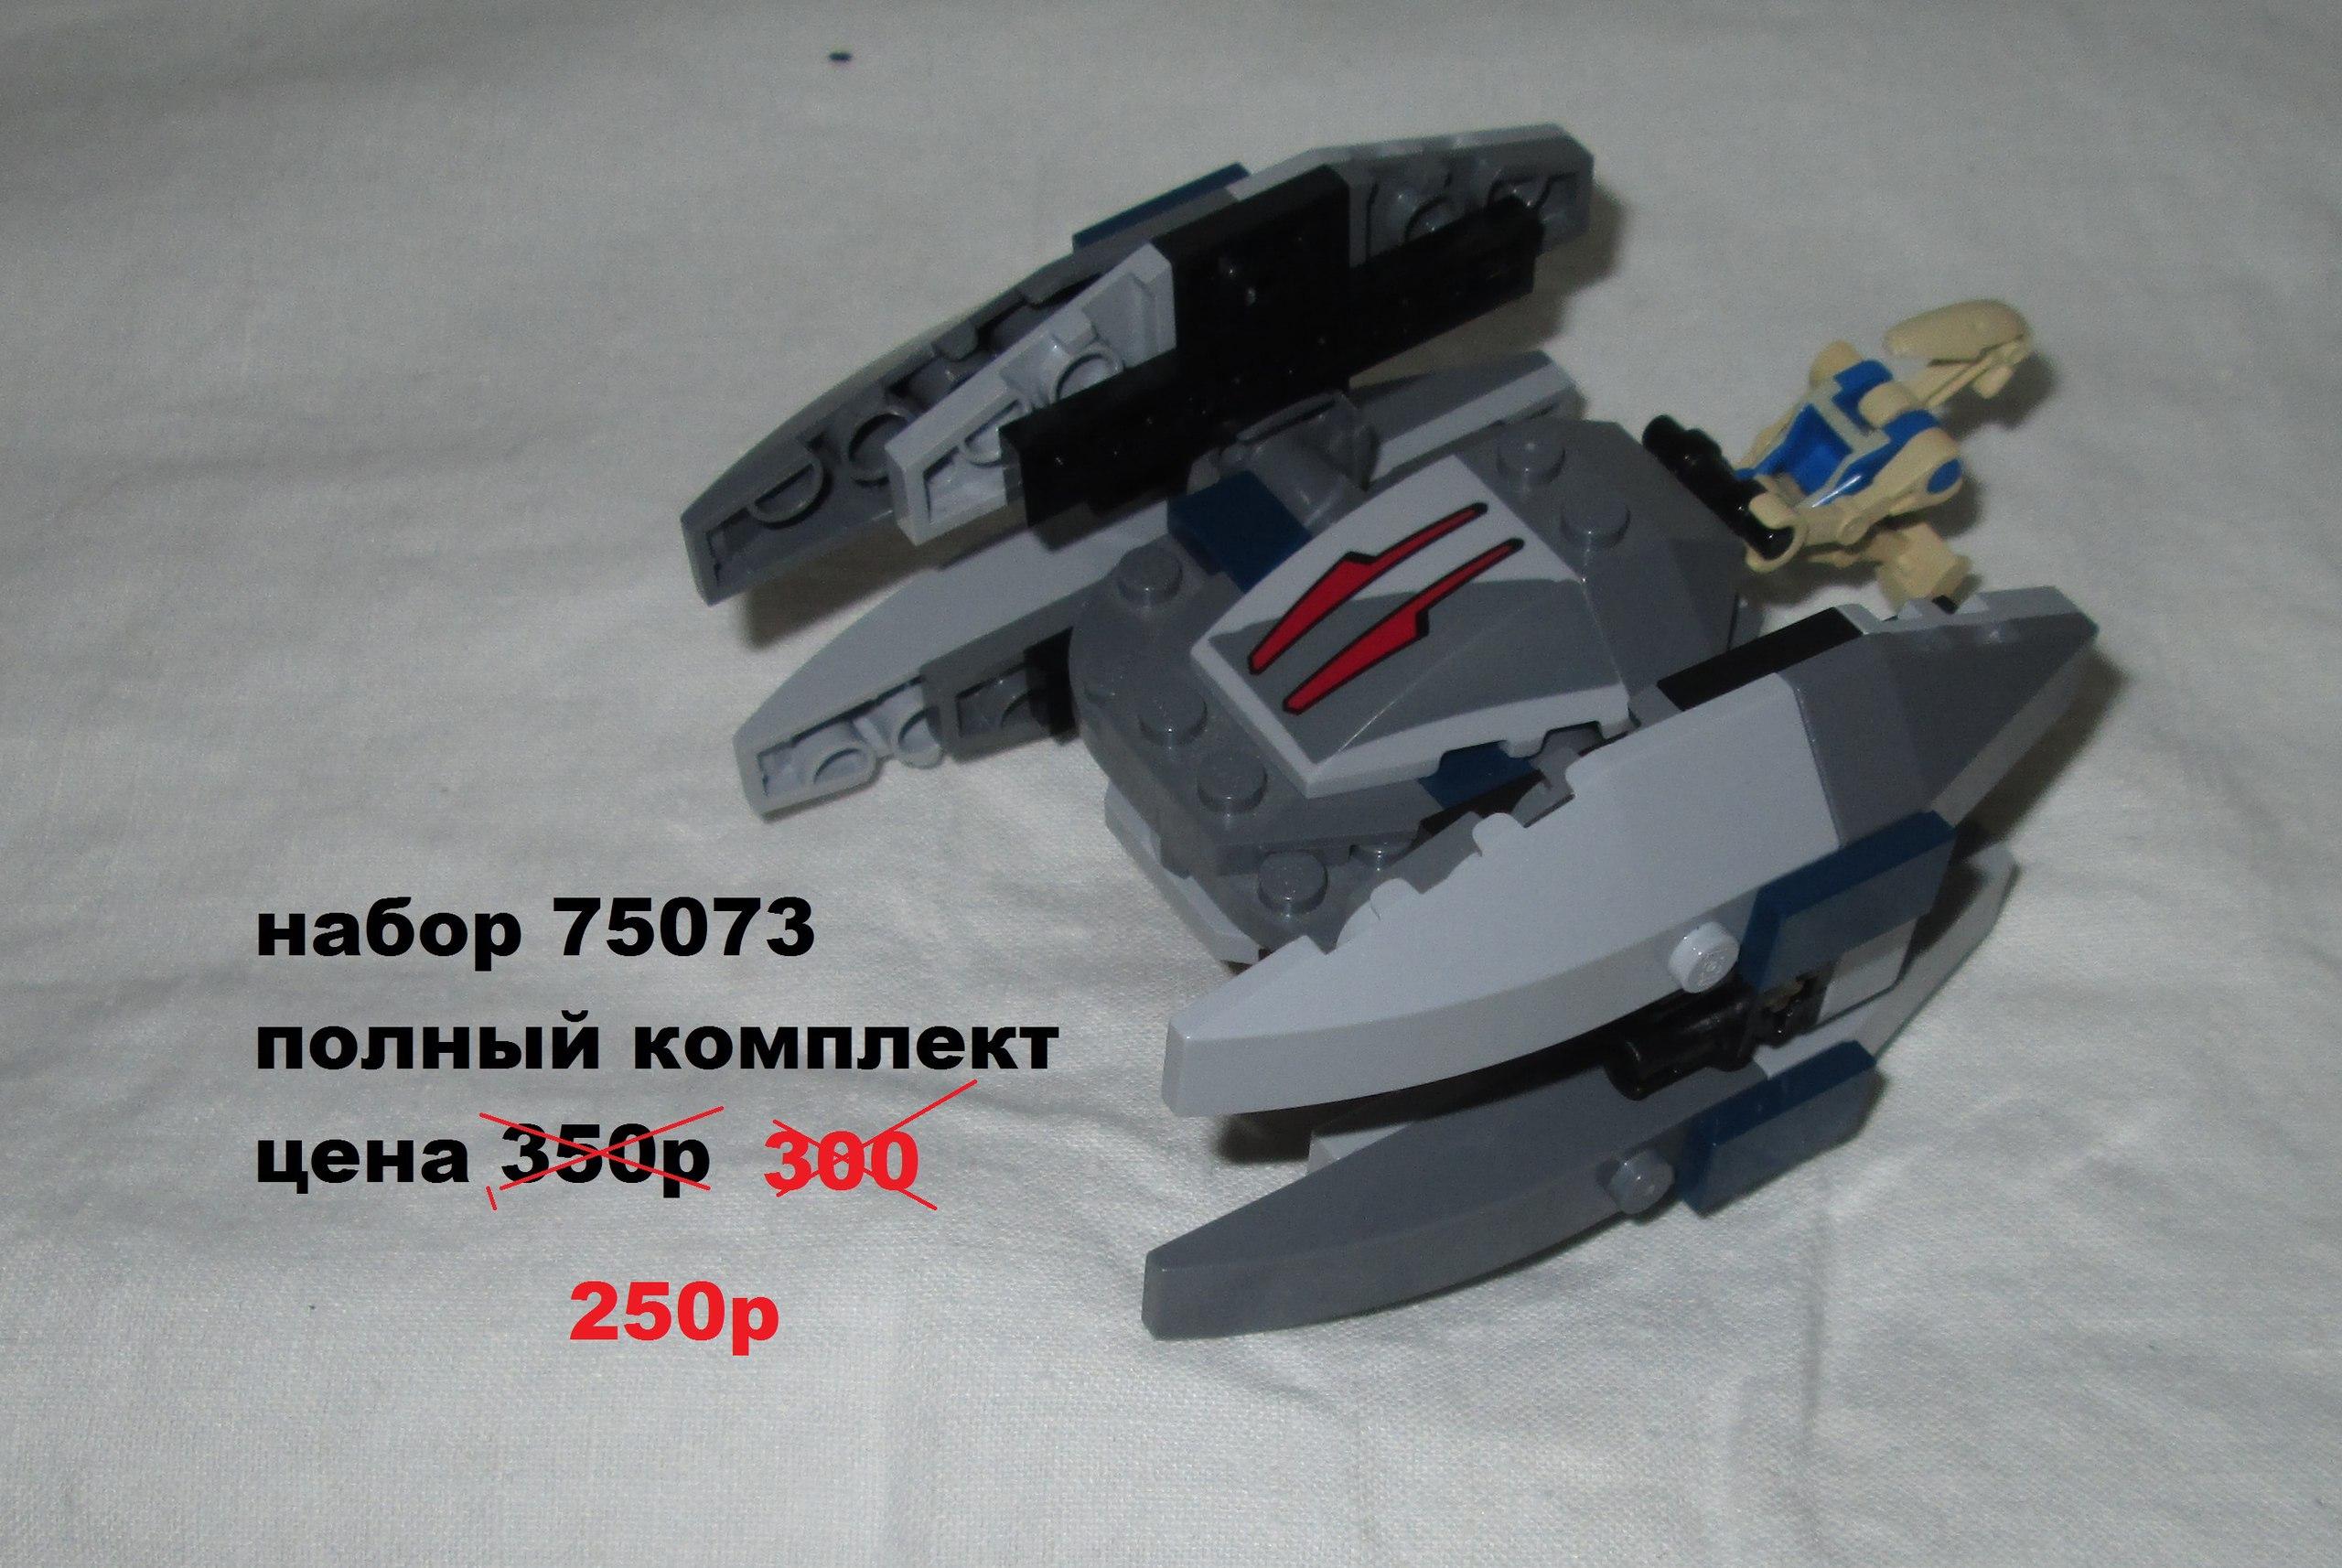 84KE7VL-vgM.jpg